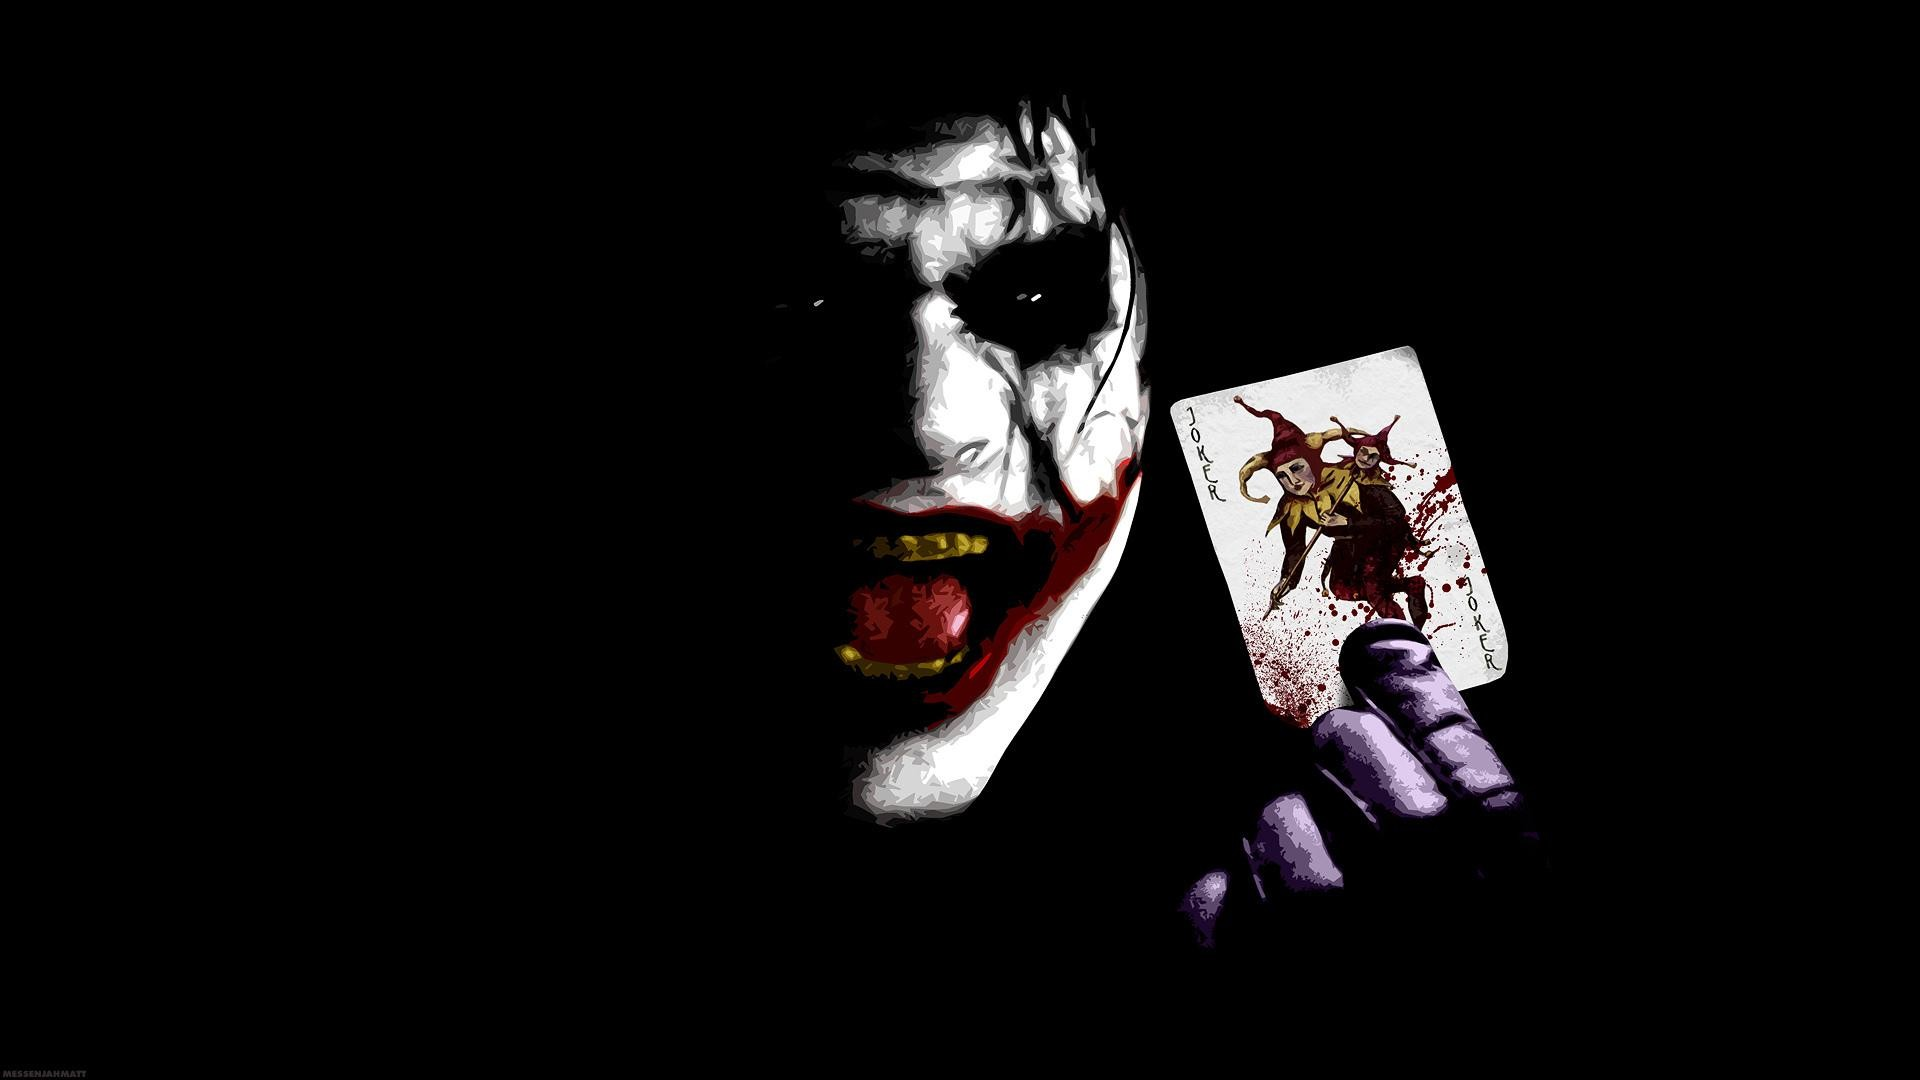 Cool Wallpapers Joker Batman HD Wallpaper